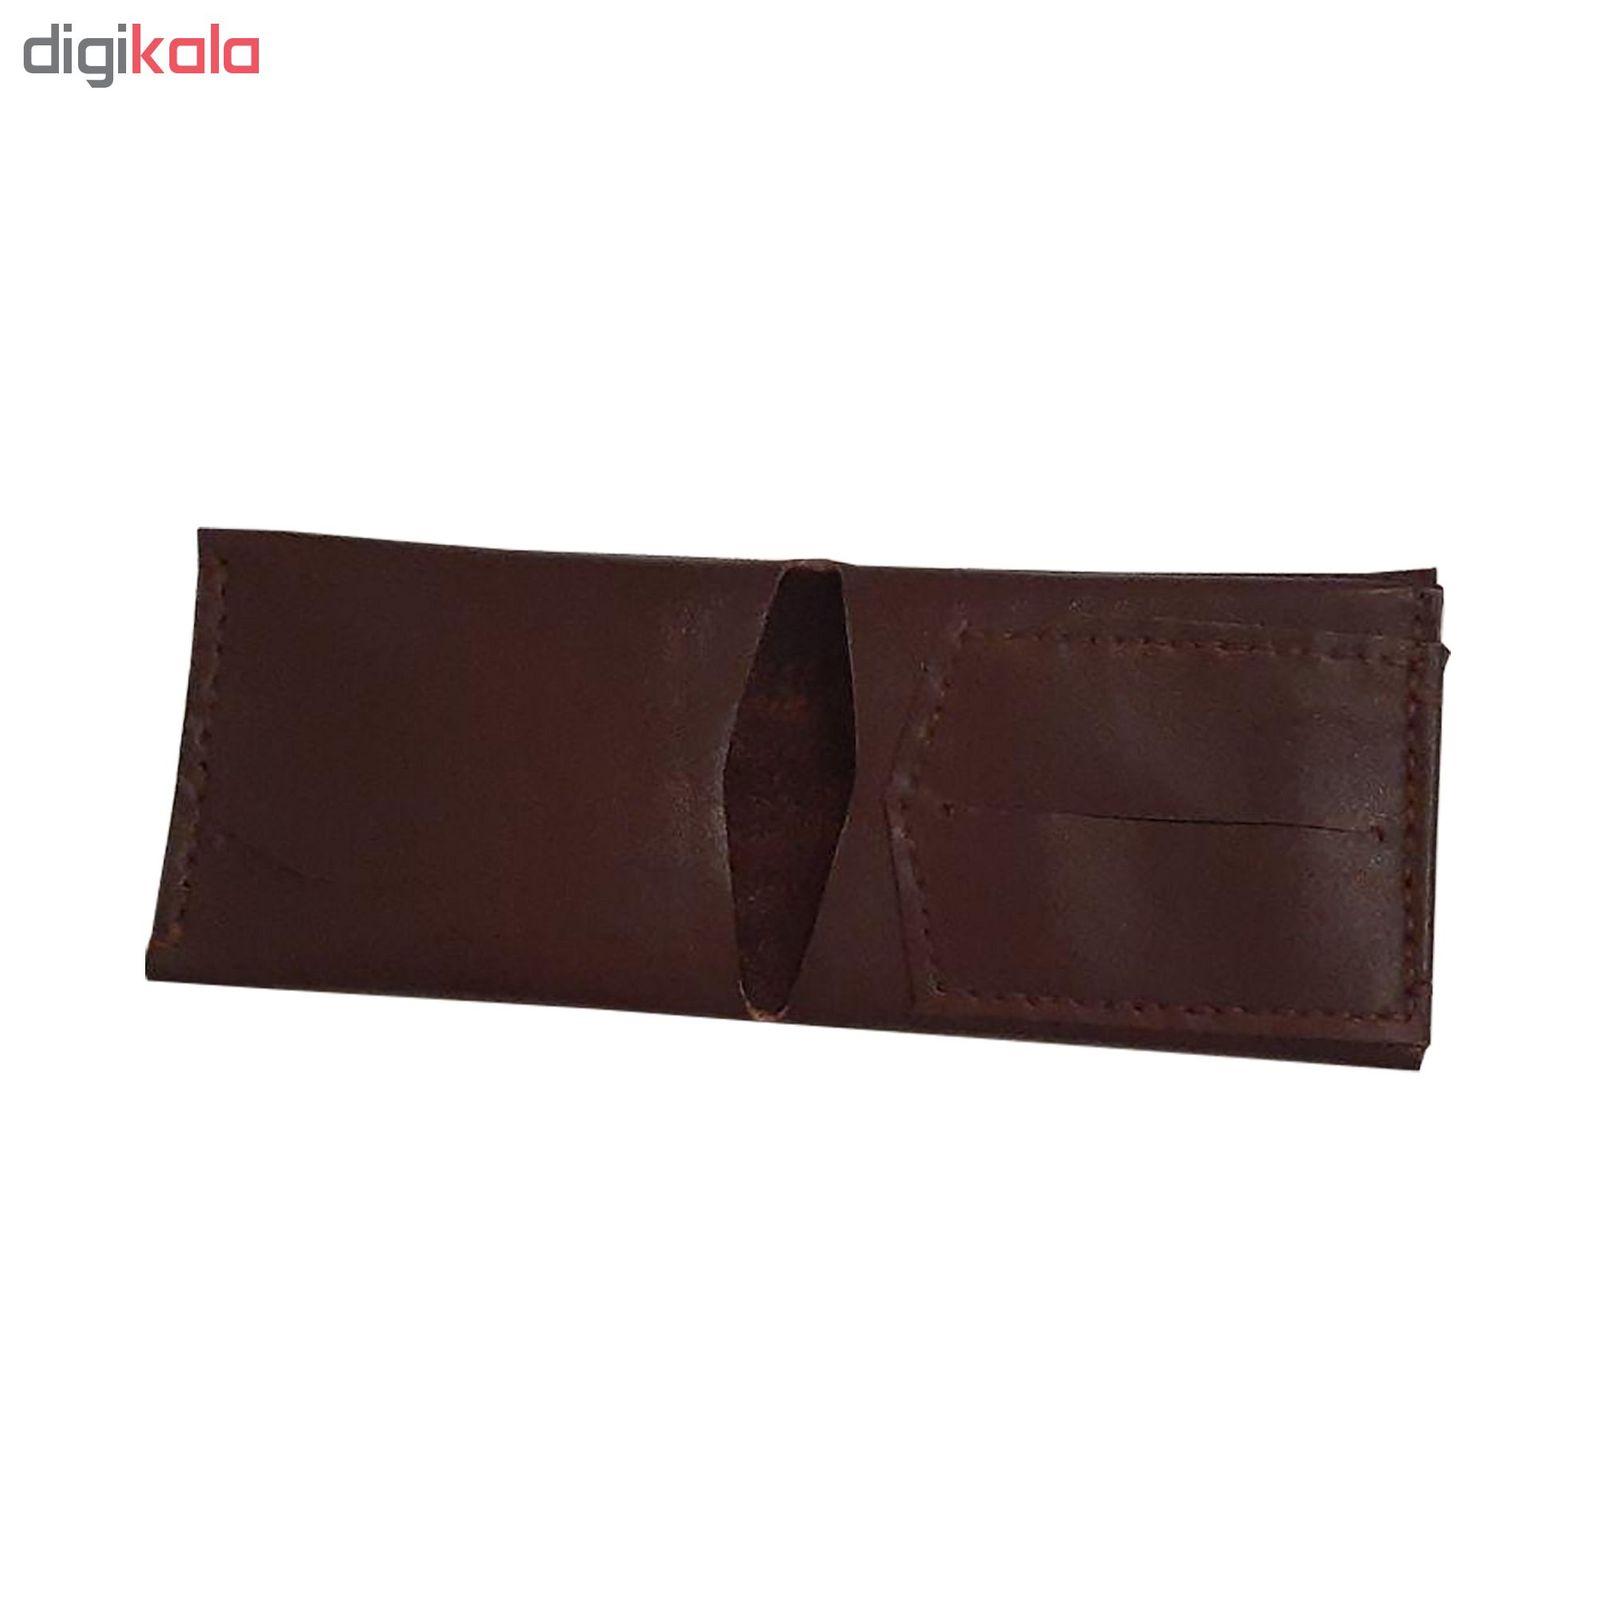 کیف پول مردانه کدBL01 main 1 4